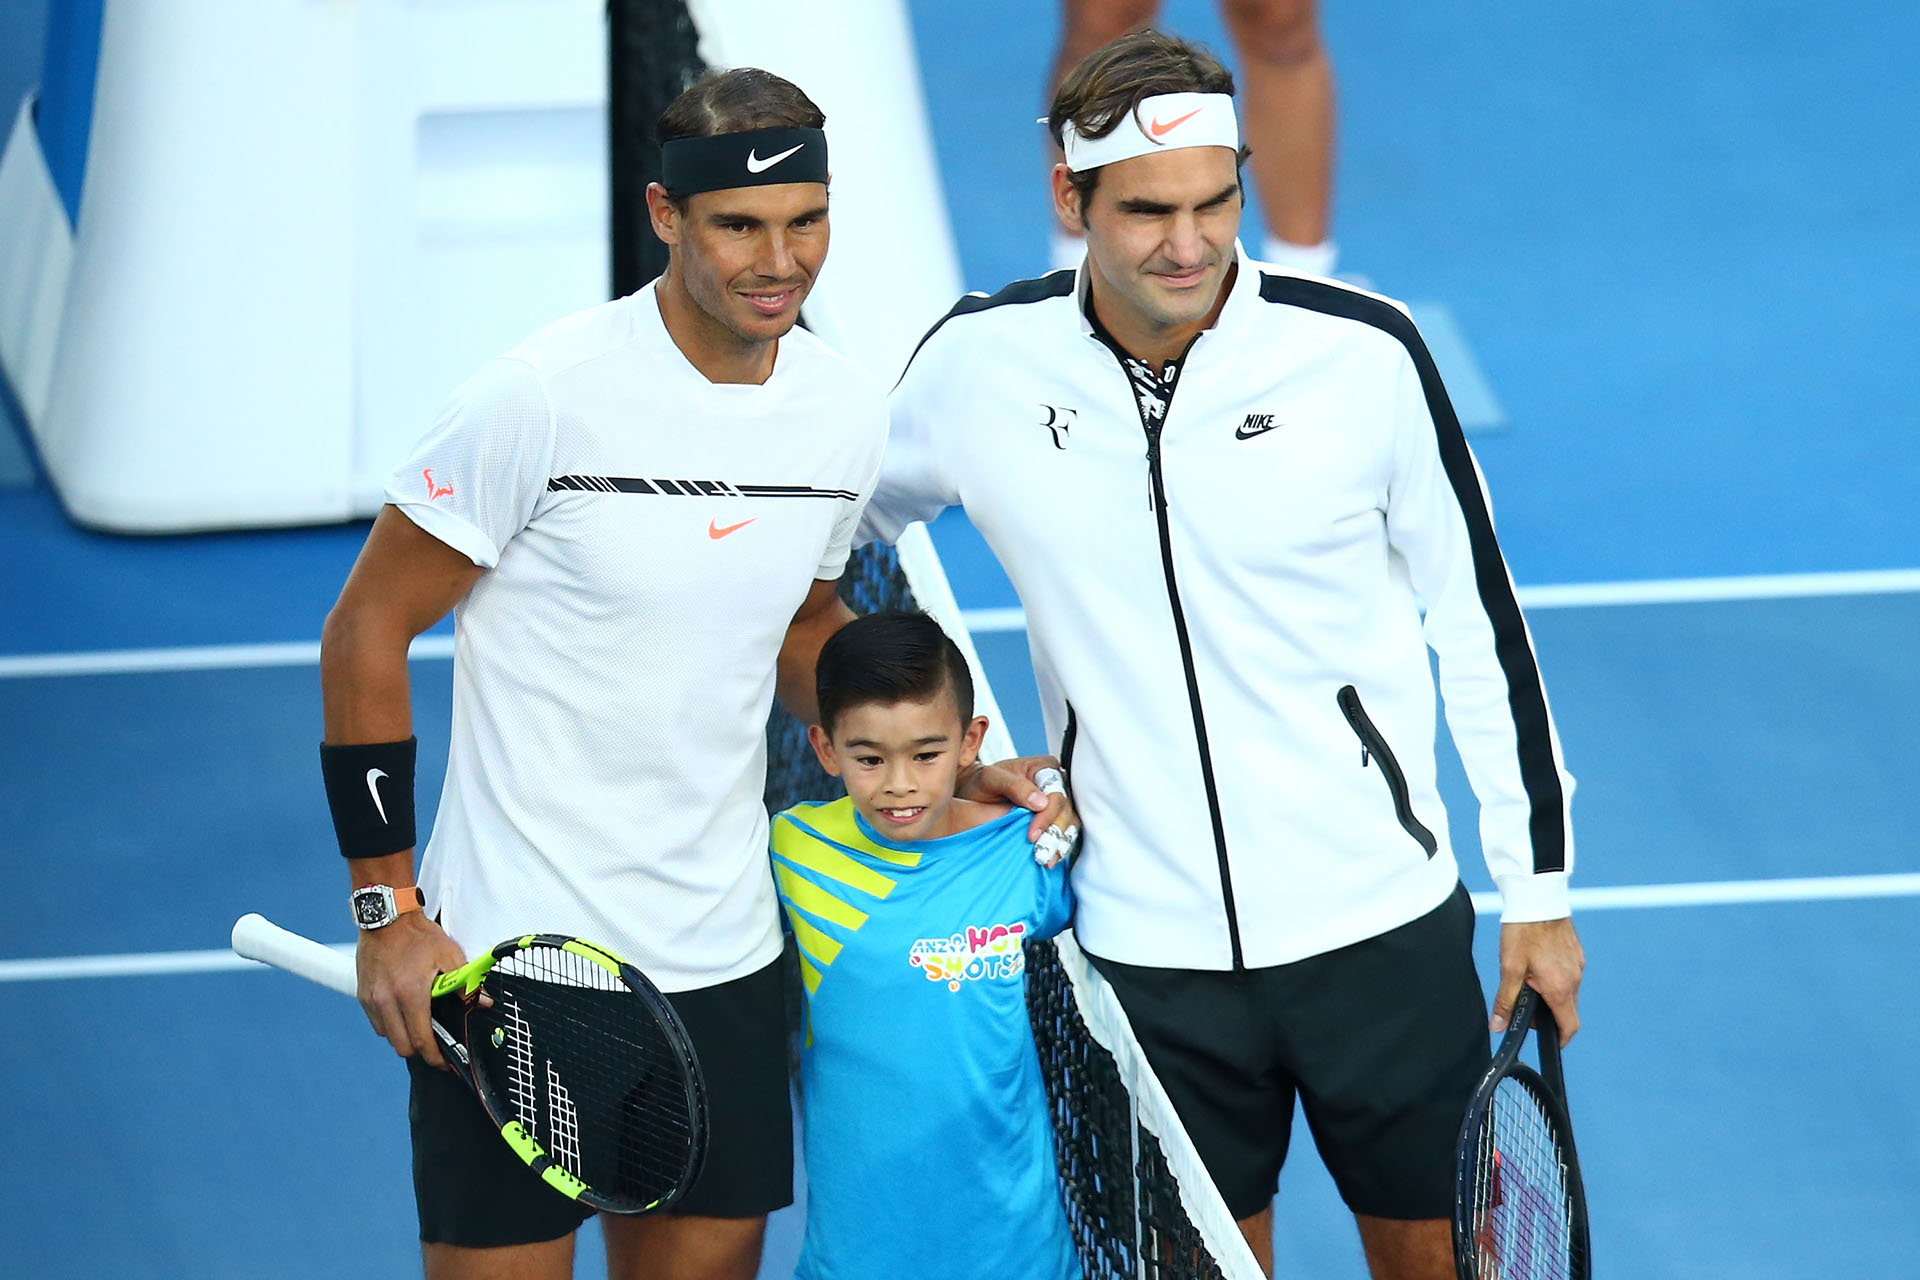 Los tenistas vuelven a enfrentarse después de un 2016 accidentado para ambos